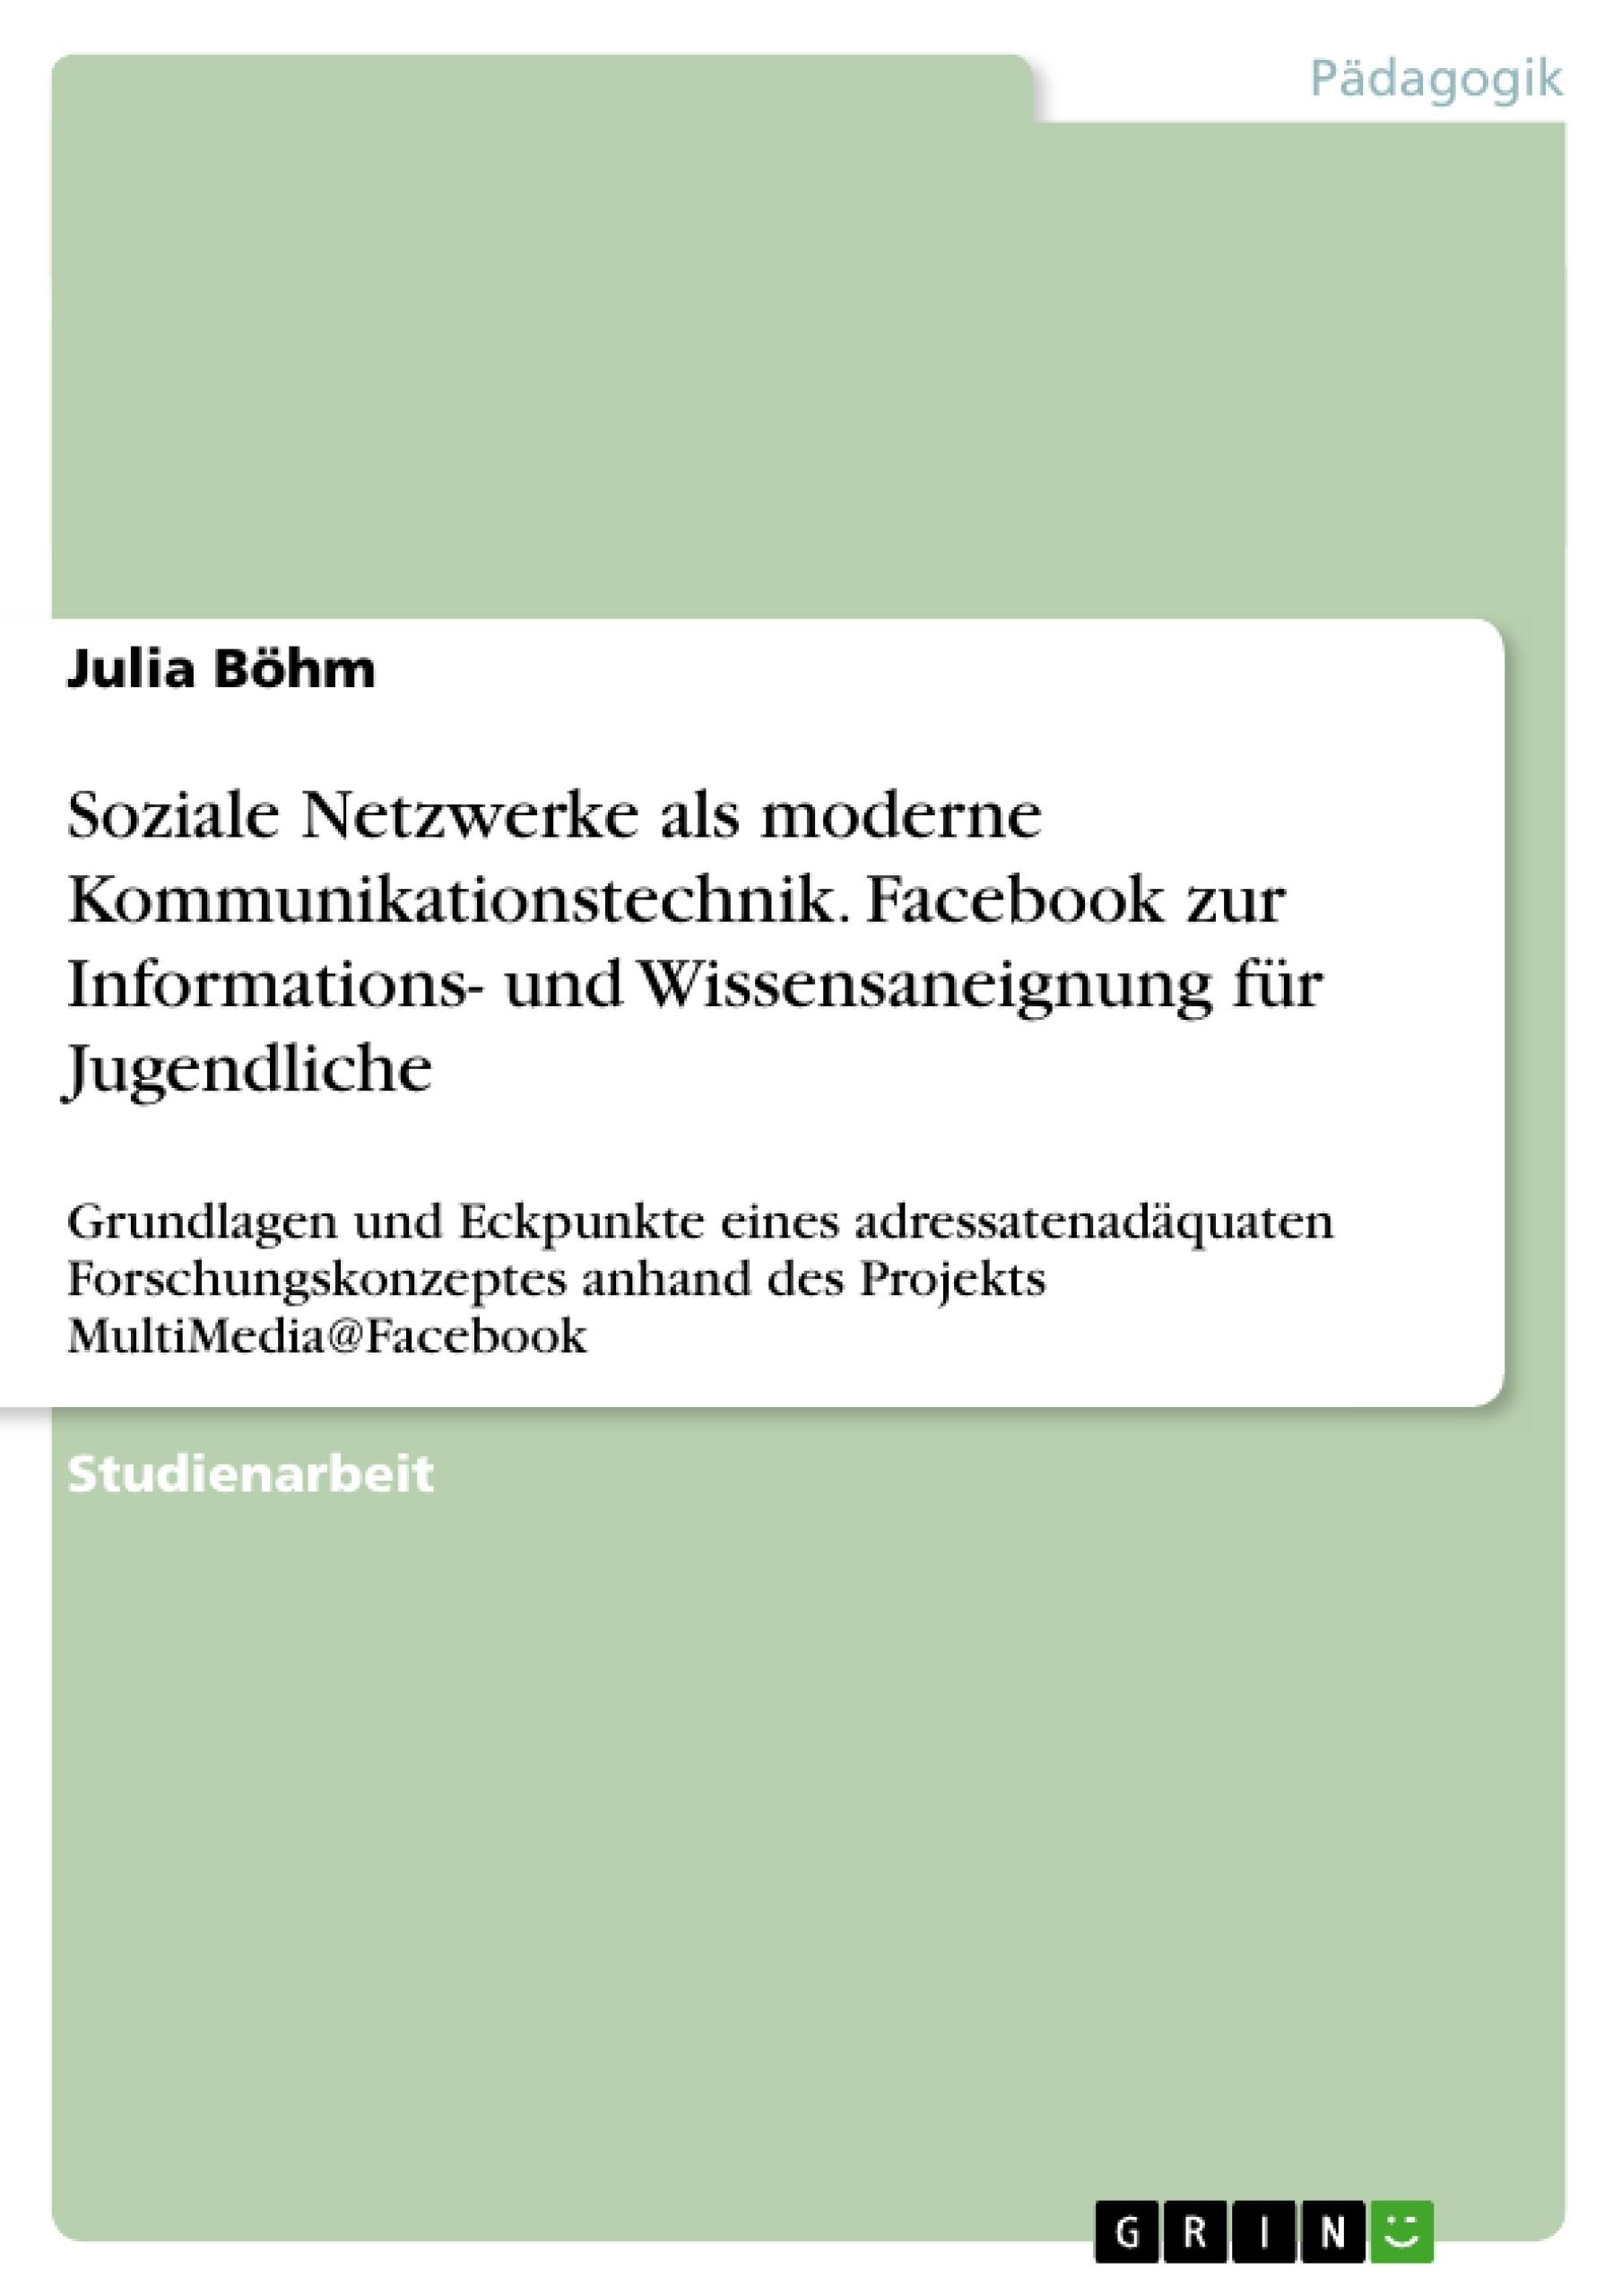 Titel: Soziale Netzwerke als moderne Kommunikationstechnik. Facebook zur Informations- und Wissensaneignung für Jugendliche